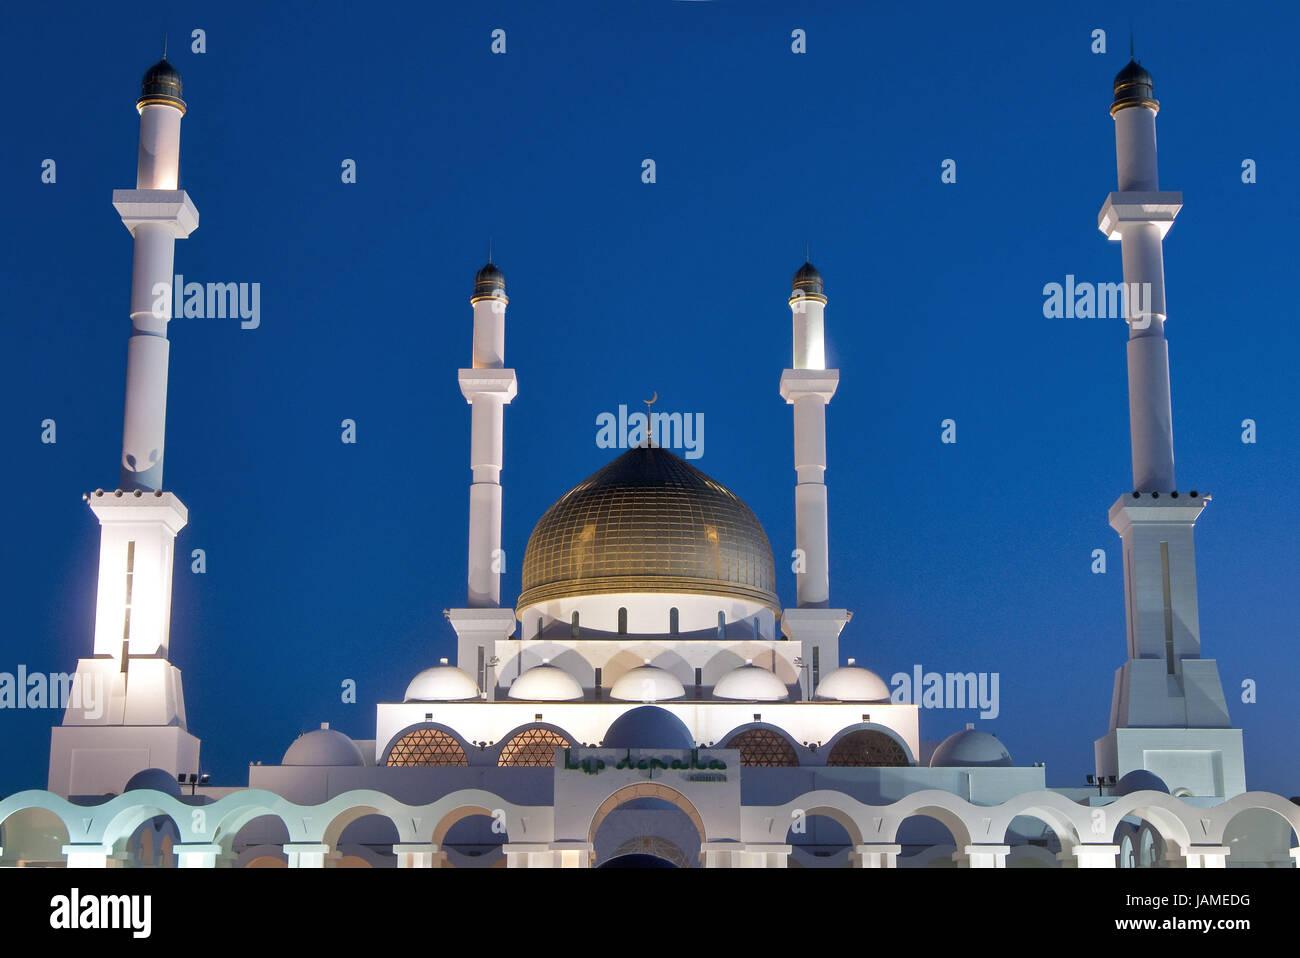 Kazakhstan,main mosque in Astana,dusk, Stock Photo